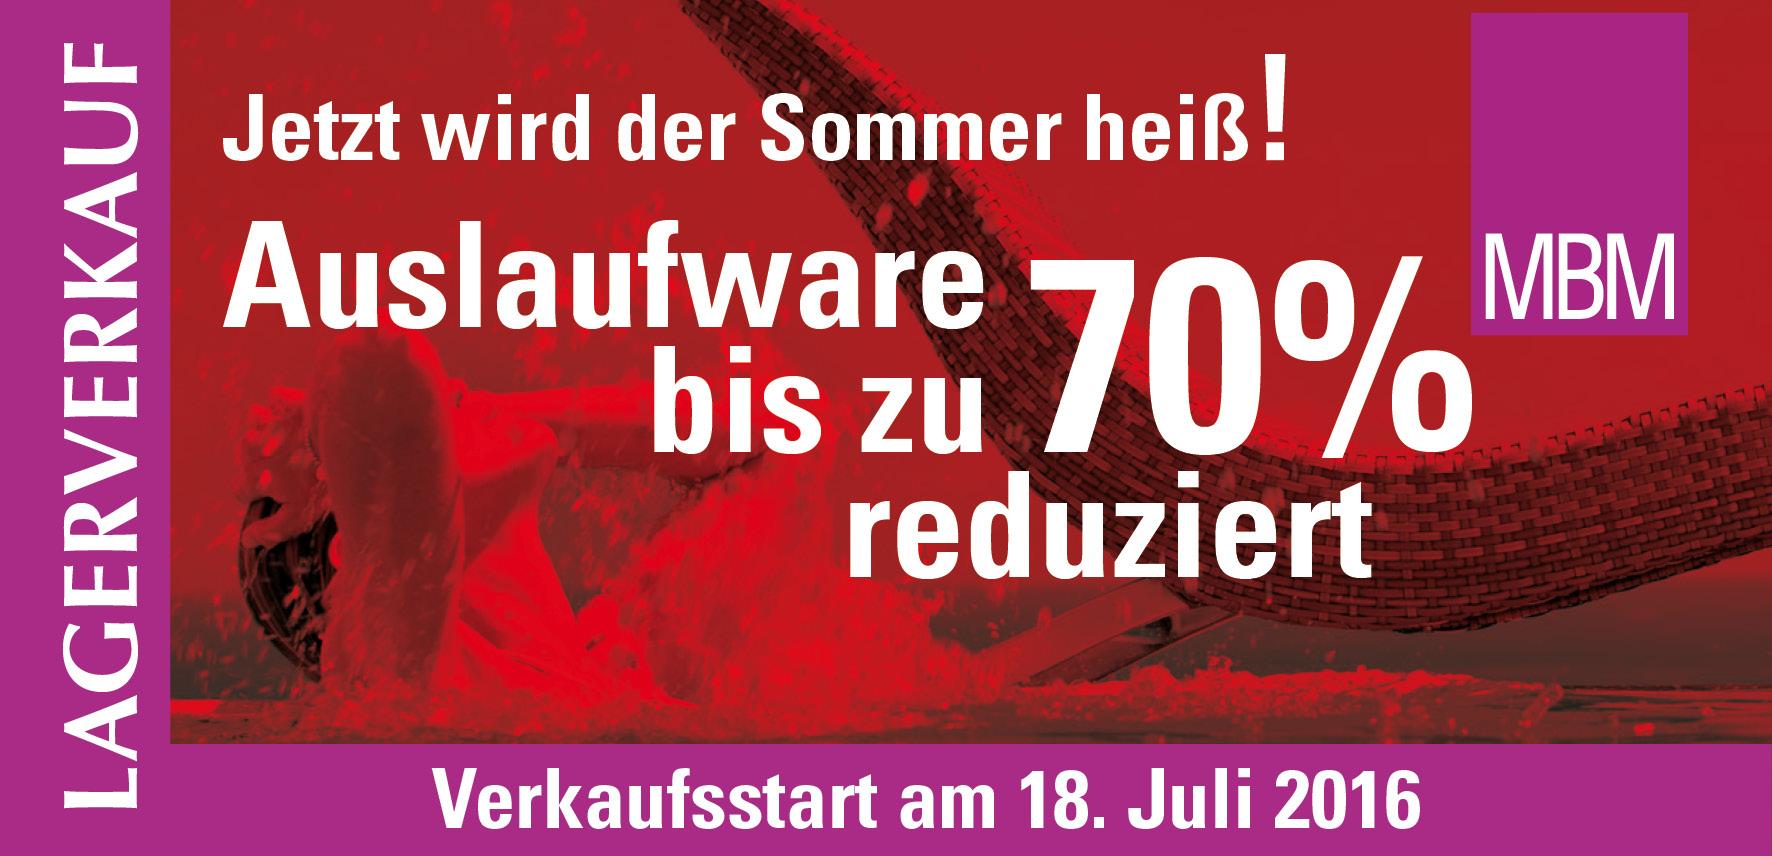 Lagerverkauf von Auslaufware bis zu 70% reduziert